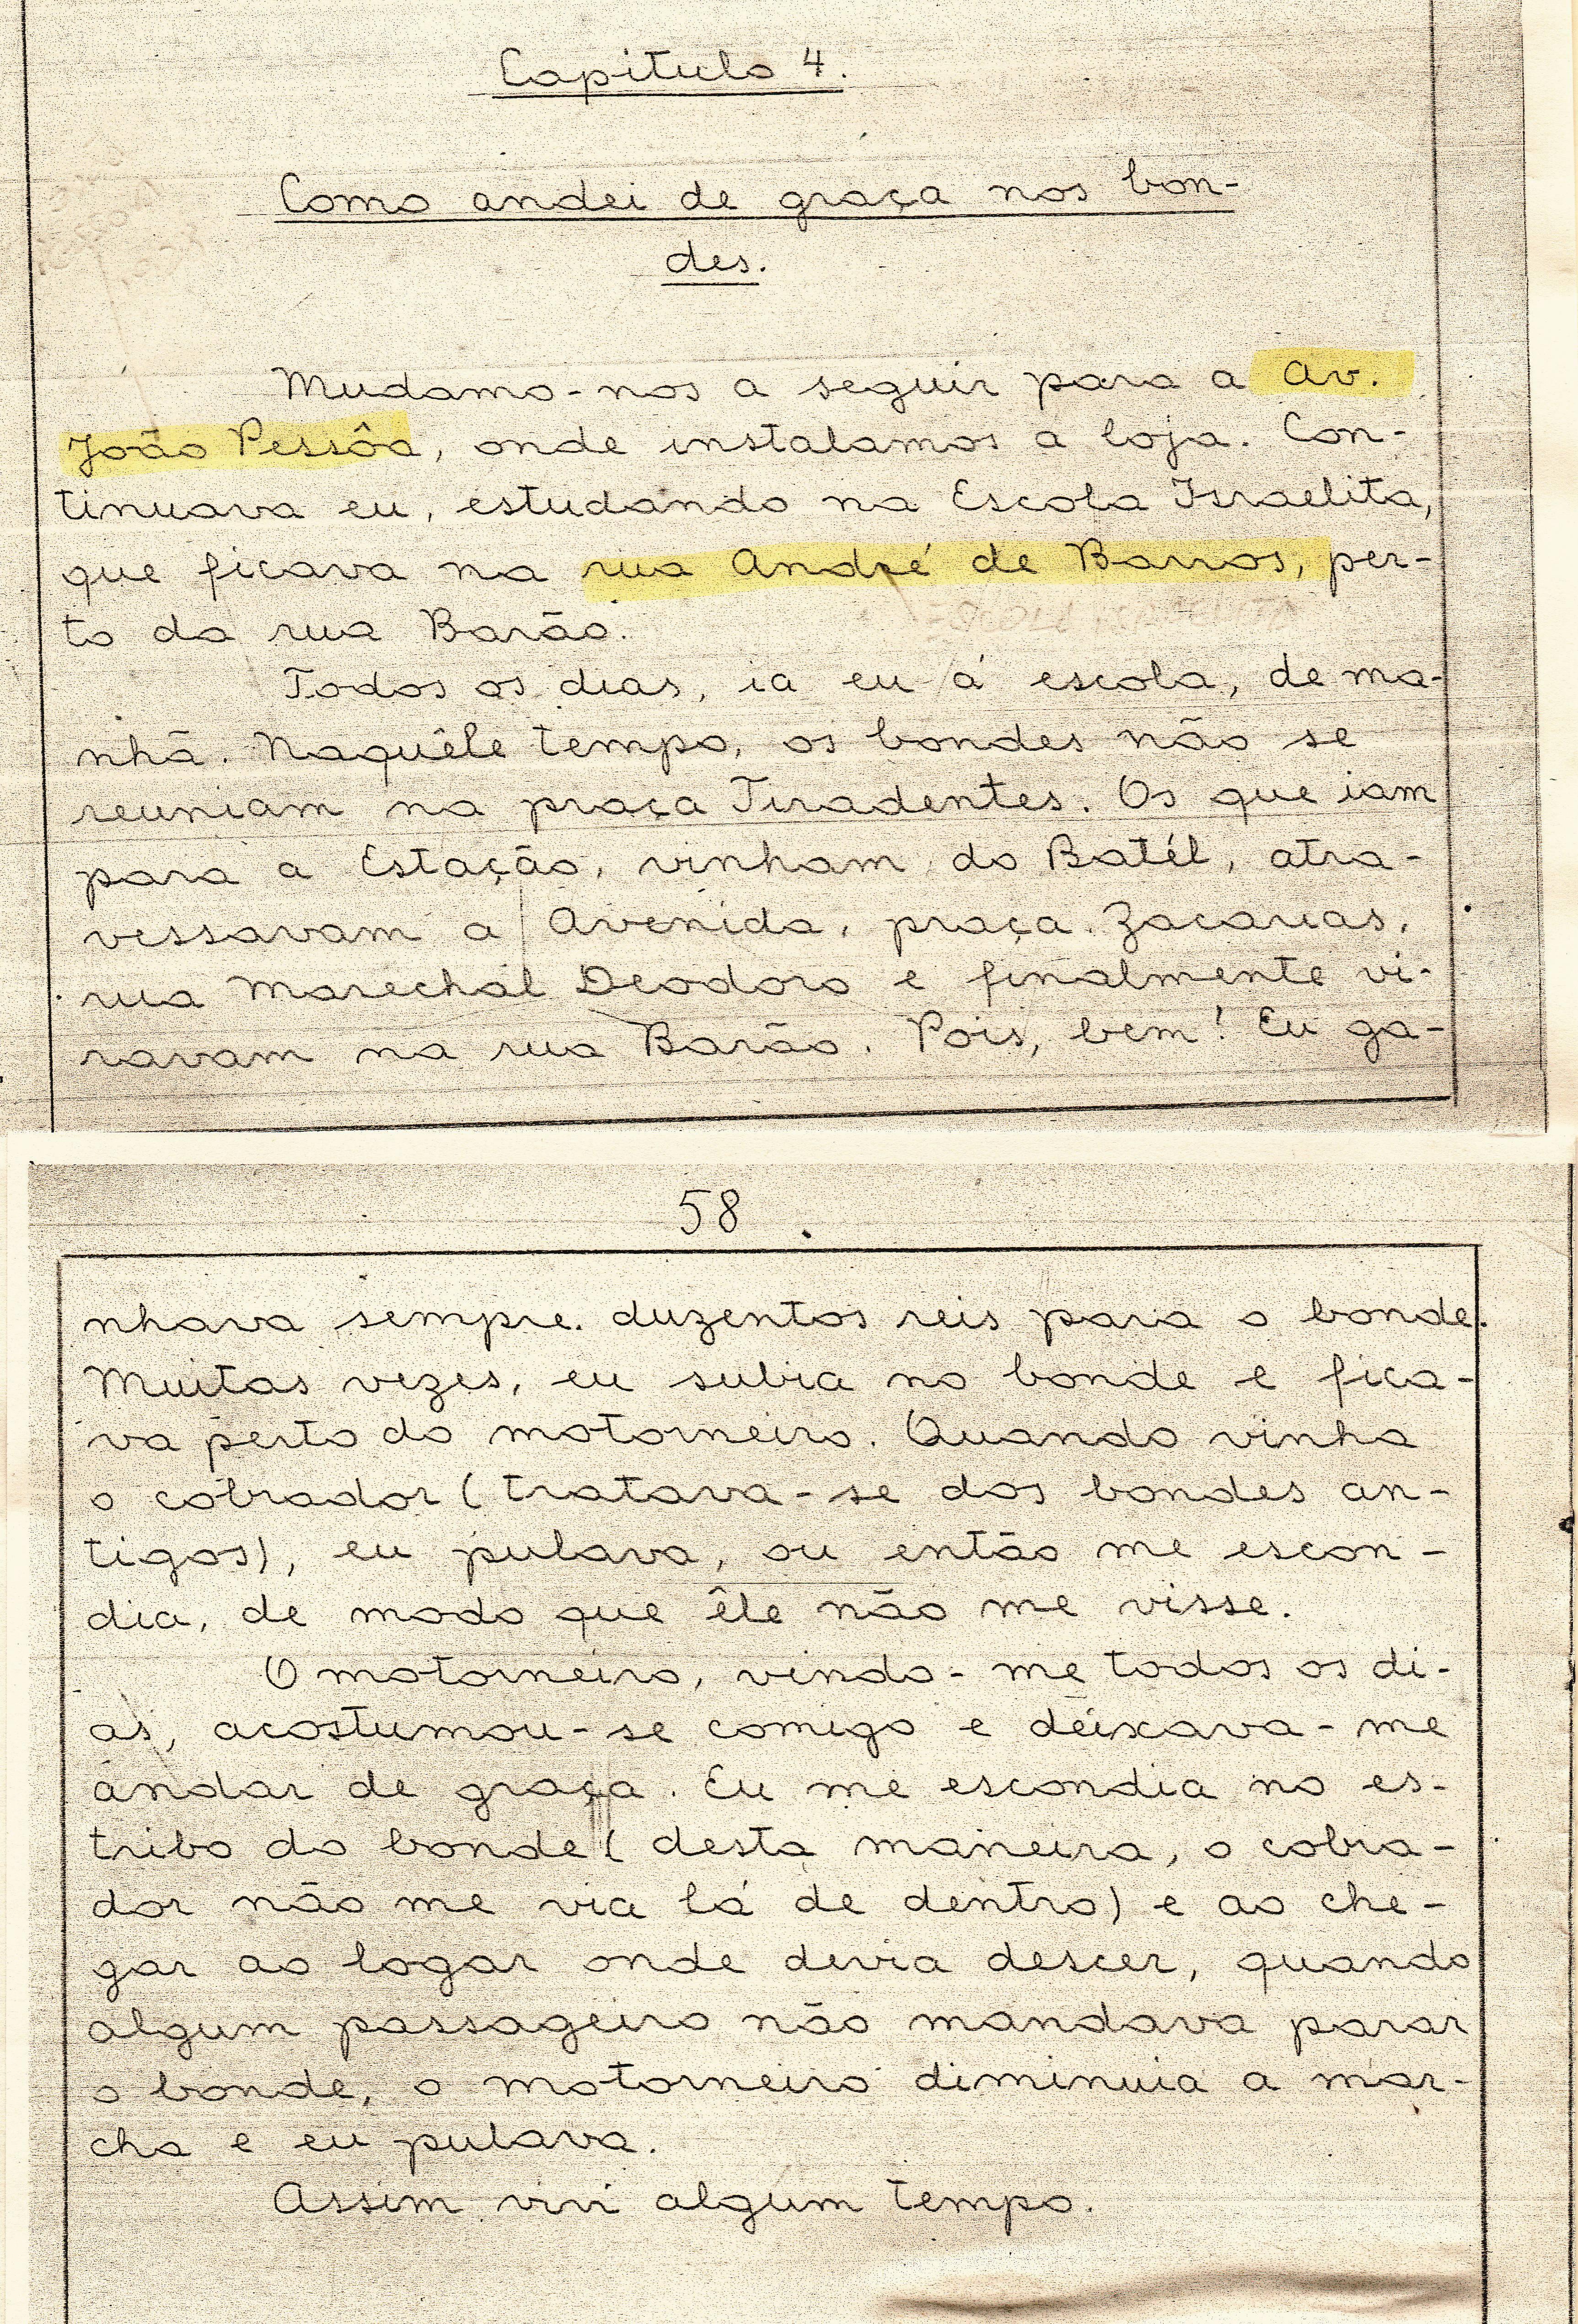 Trecho da carta em que o menino judeu polonês, que veio para o Brasil ainda criança, conta as histórias do bonde curitibano.